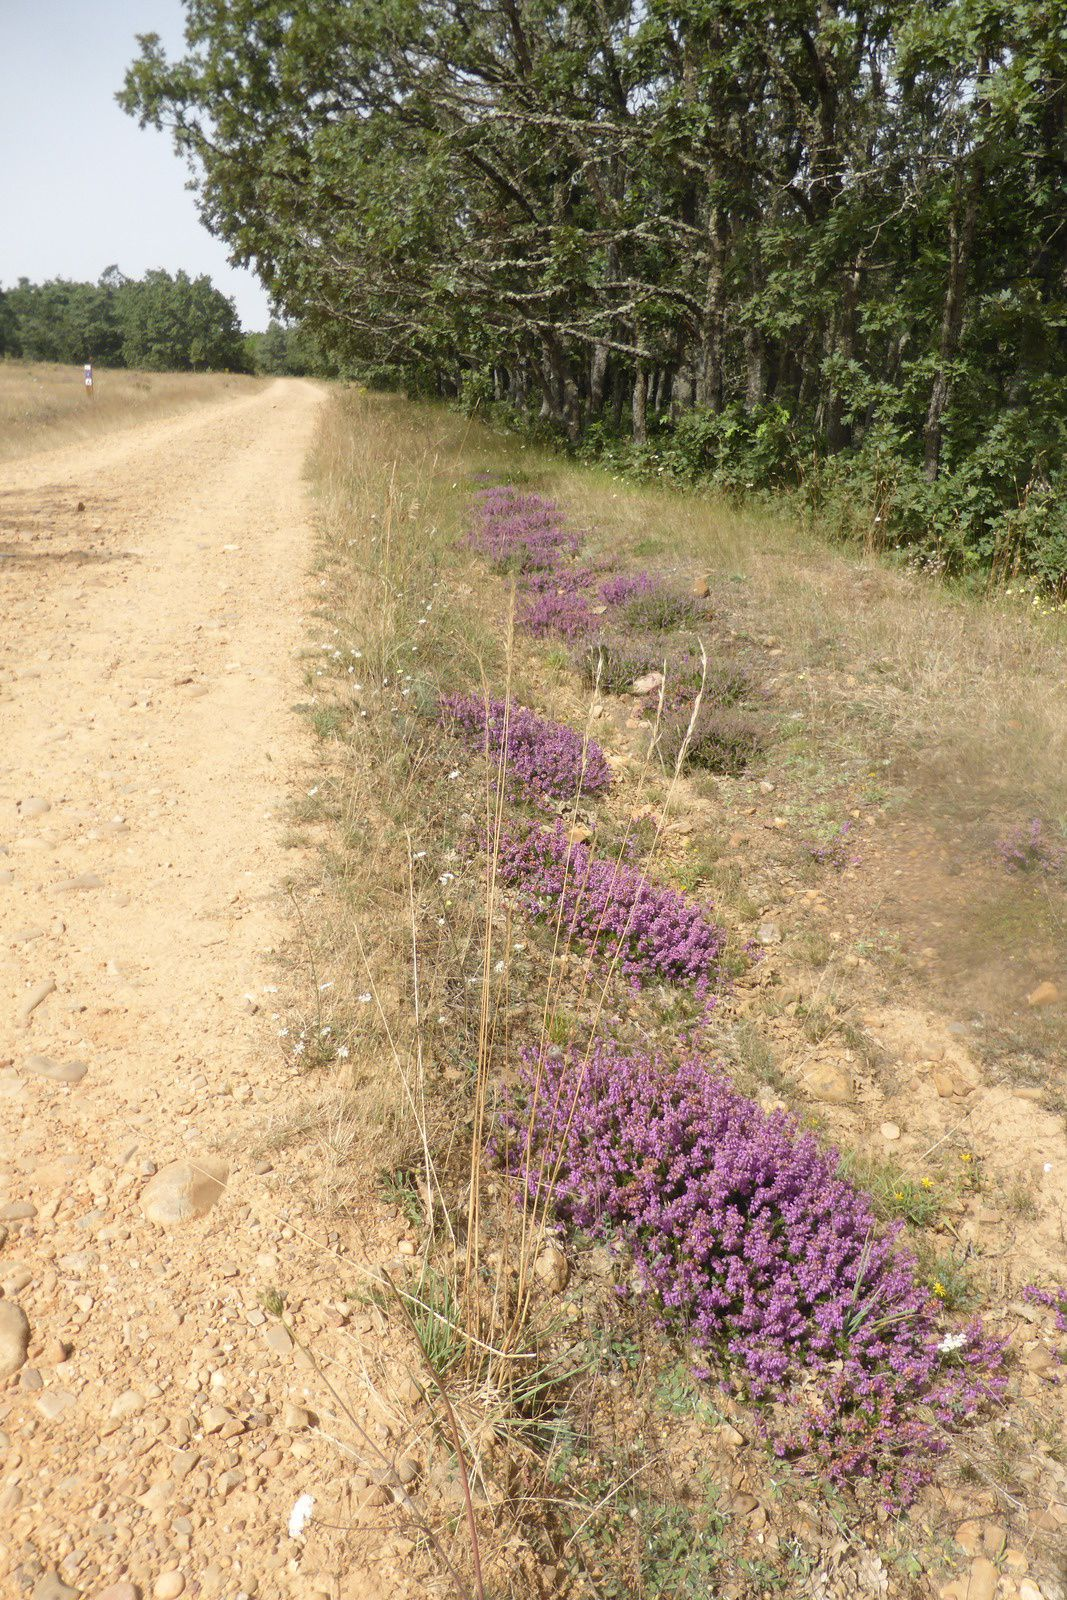 De petites fleurs violettes sont parsemées tout au long du chemin. Nous croisons personne jusqu'au prochain village.